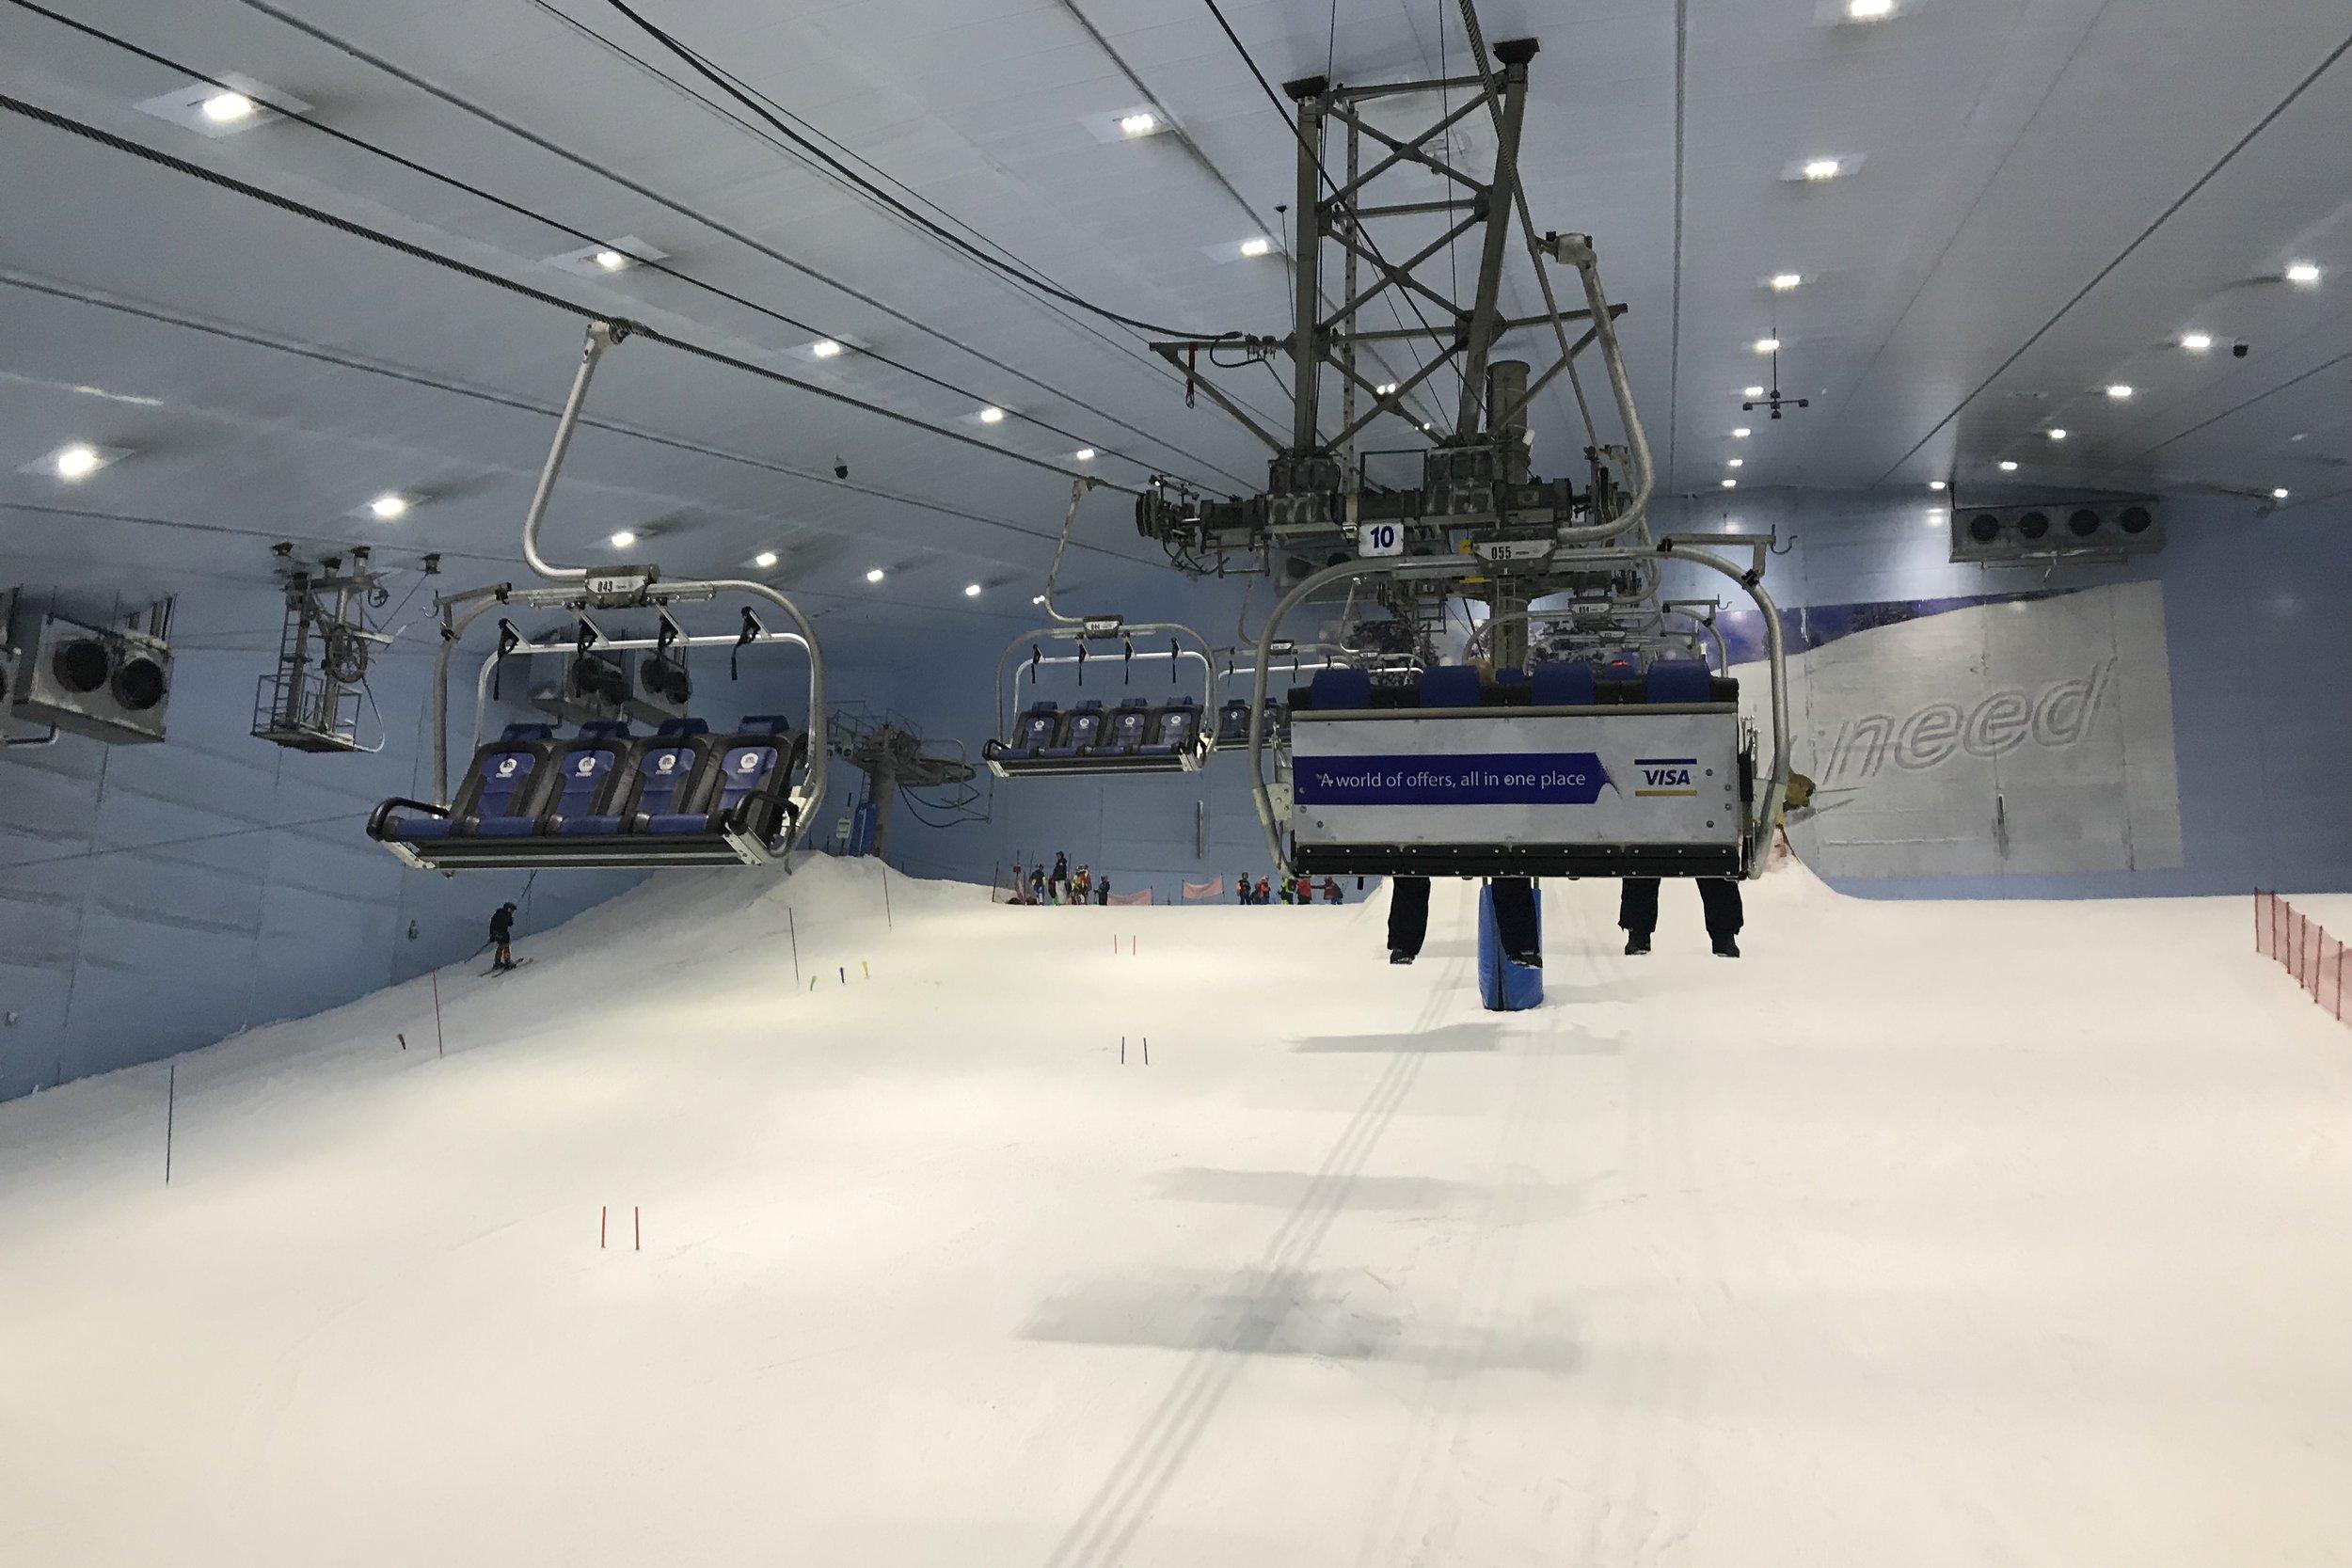 Hitting the slopes at Ski Dubai